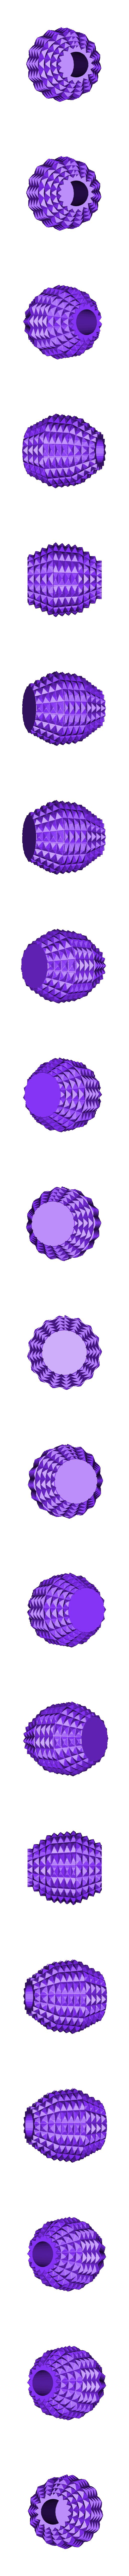 22.stl Télécharger fichier STL X86 Mini vase collection  • Objet imprimable en 3D, motek